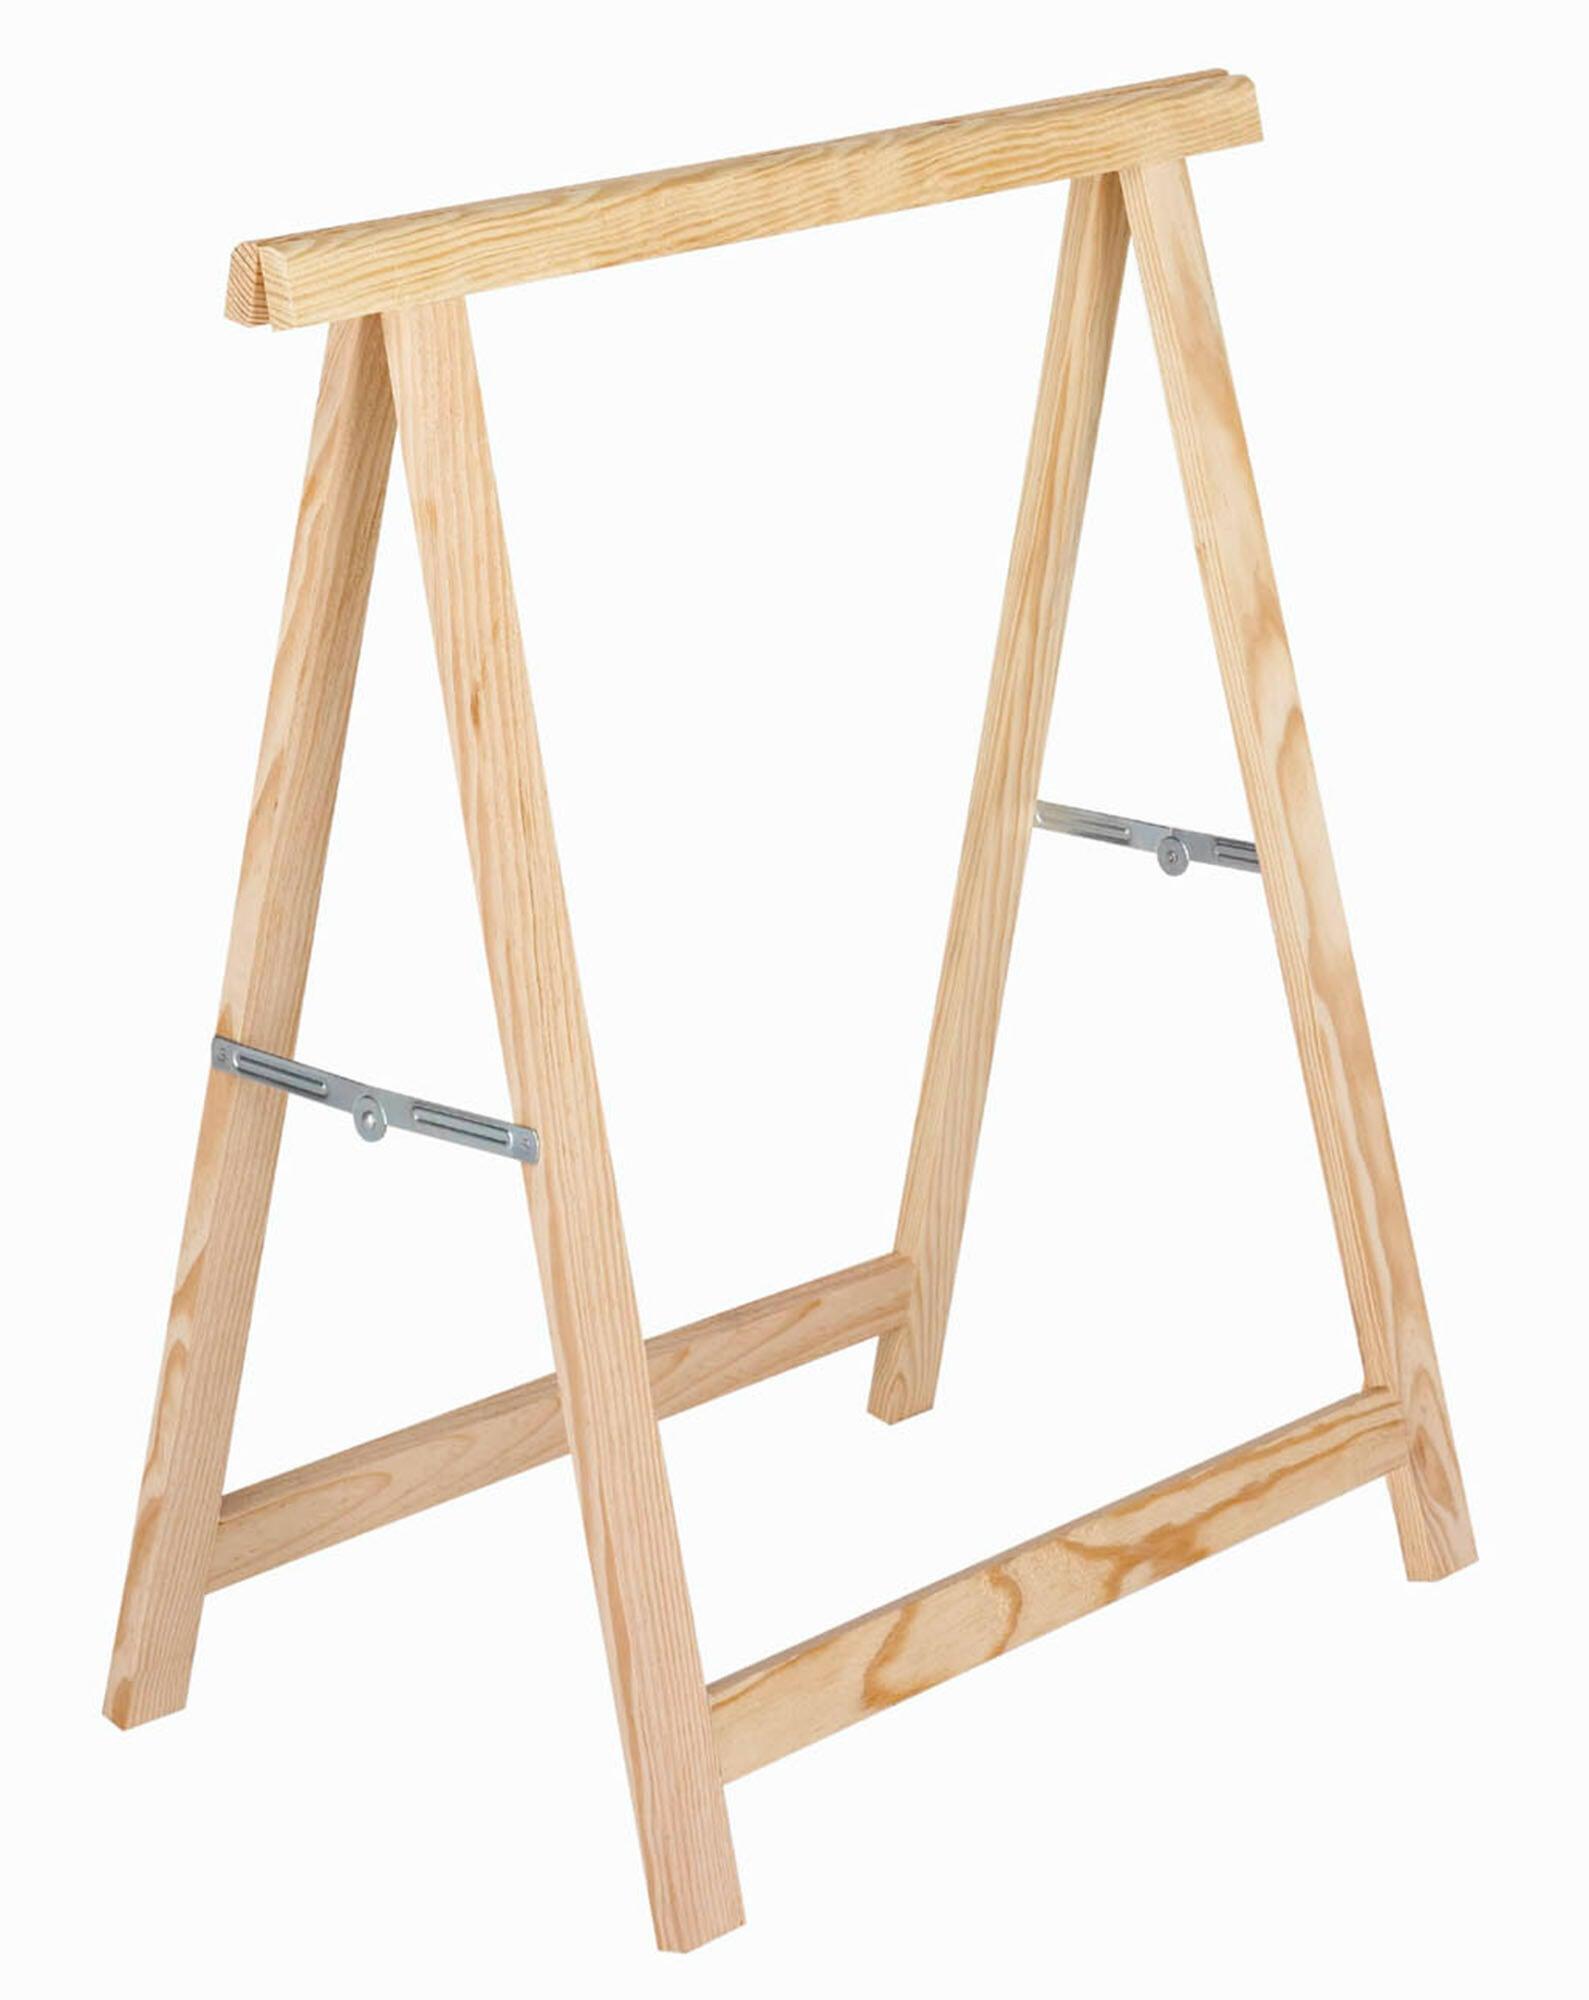 Cavalletto in pino Standard L 73.5 x P 73.5 x H 74 cm legno naturale - 5